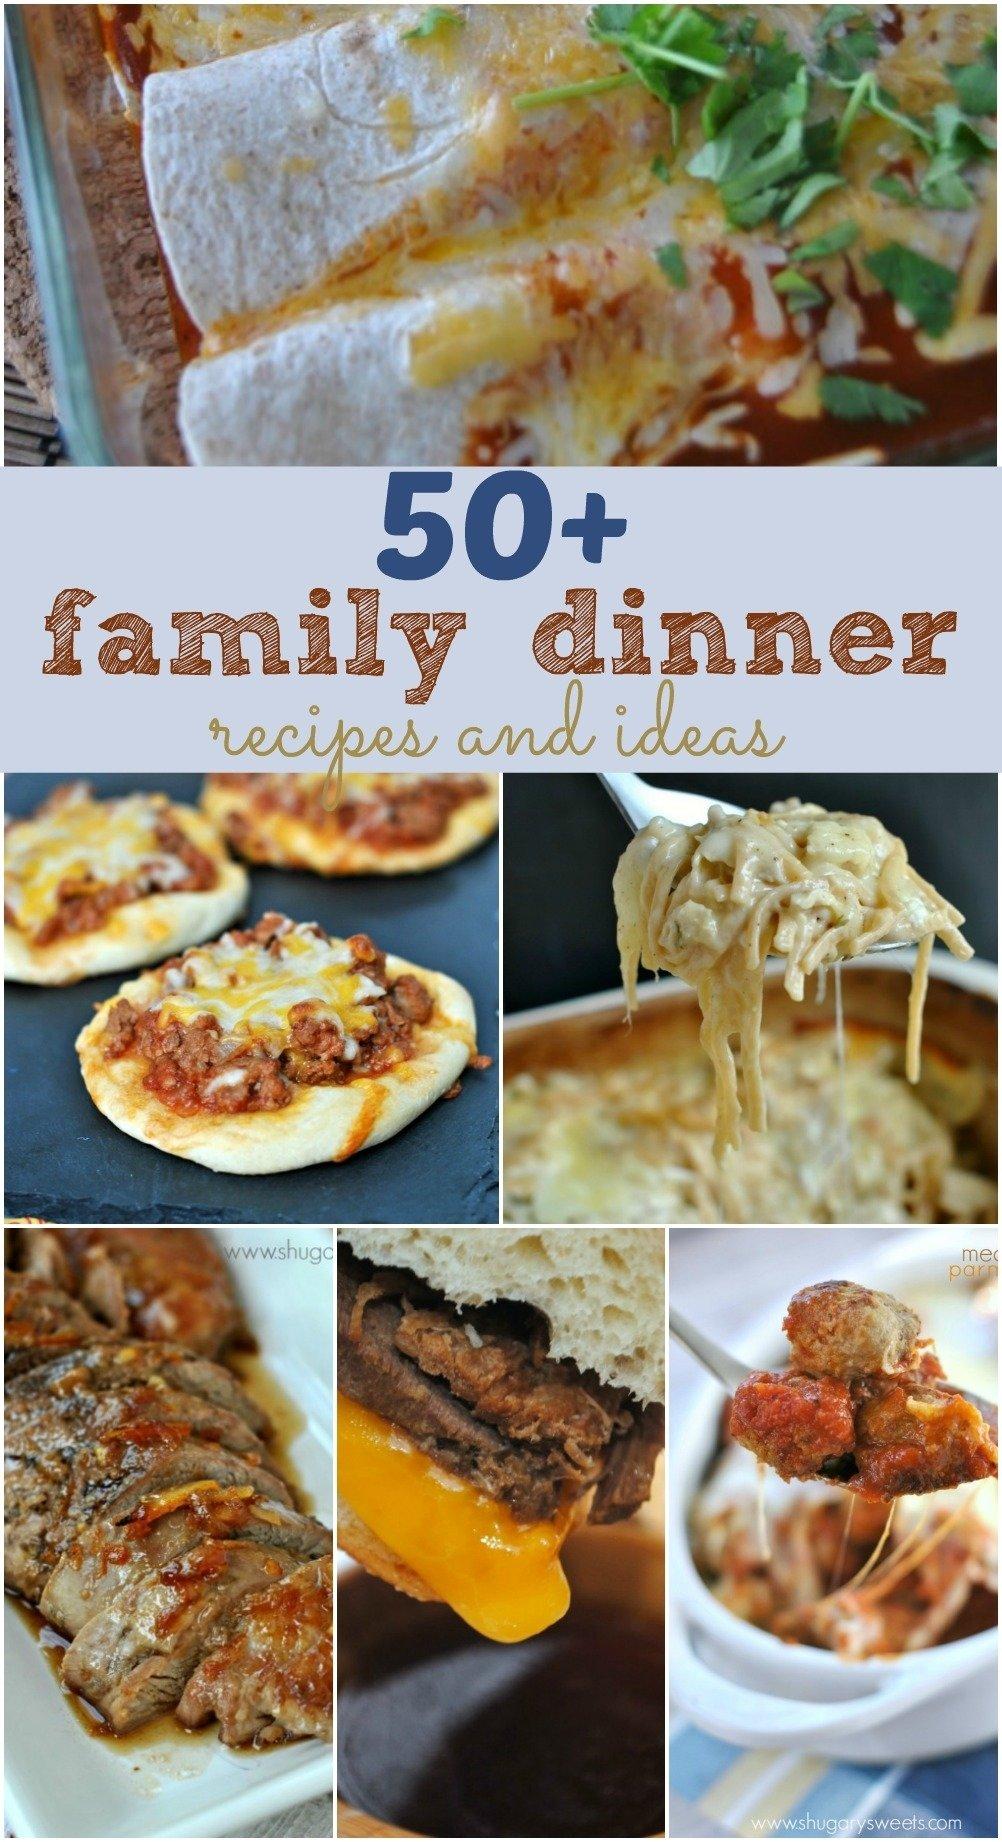 10 Trendy New Dinner Ideas For Family 50 family dinner recipes shugary sweets 2020